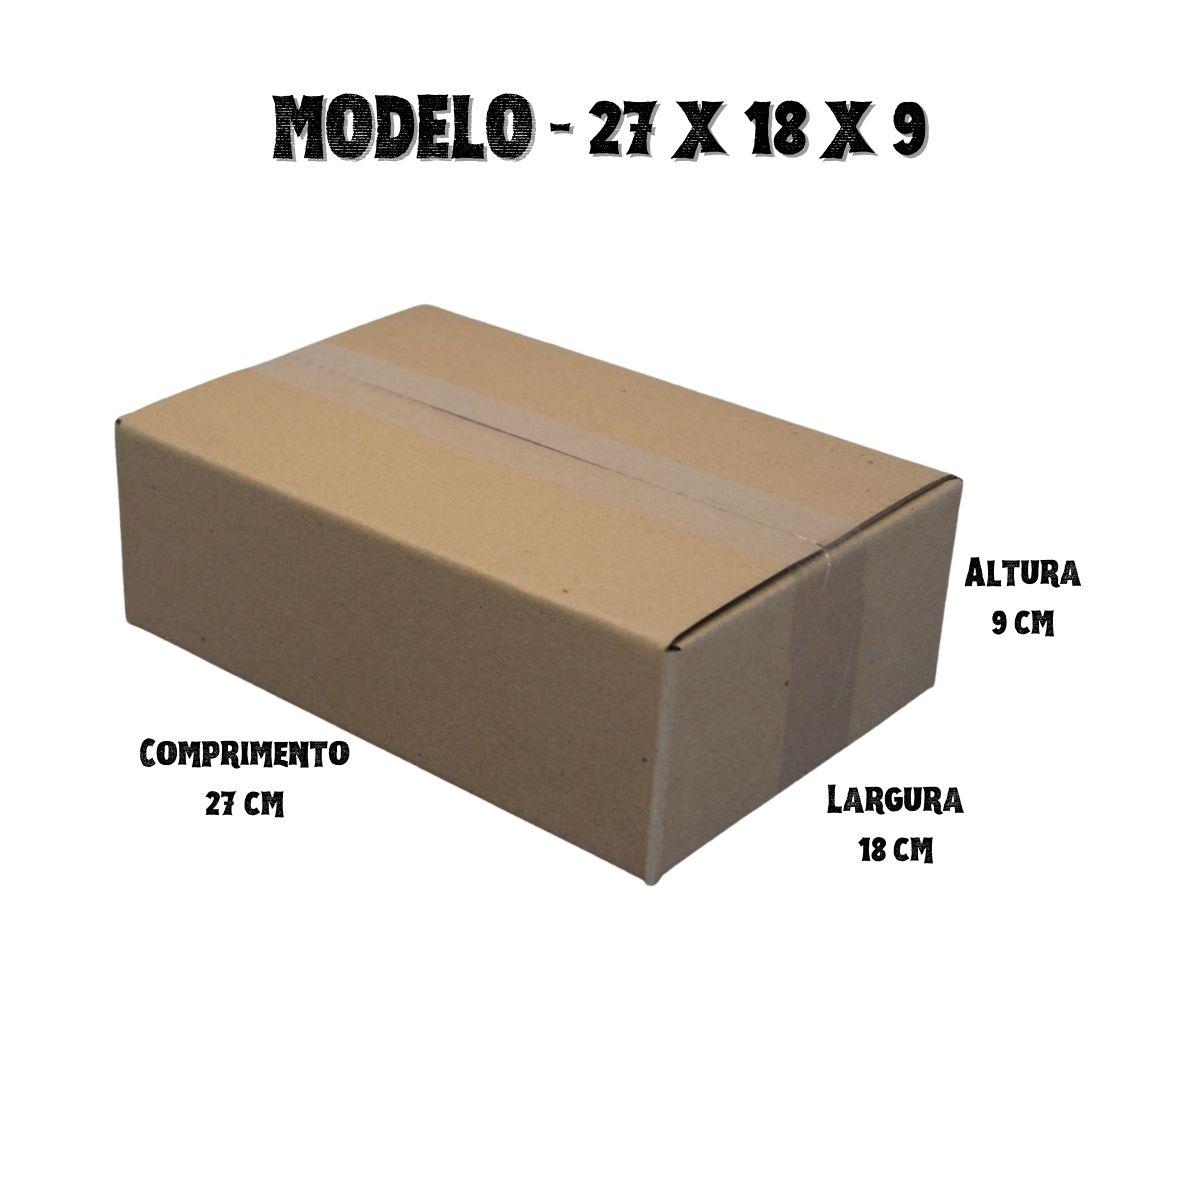 10 Caixas de Papelao (27X18X9)cm - Sedex / Pac / Correios